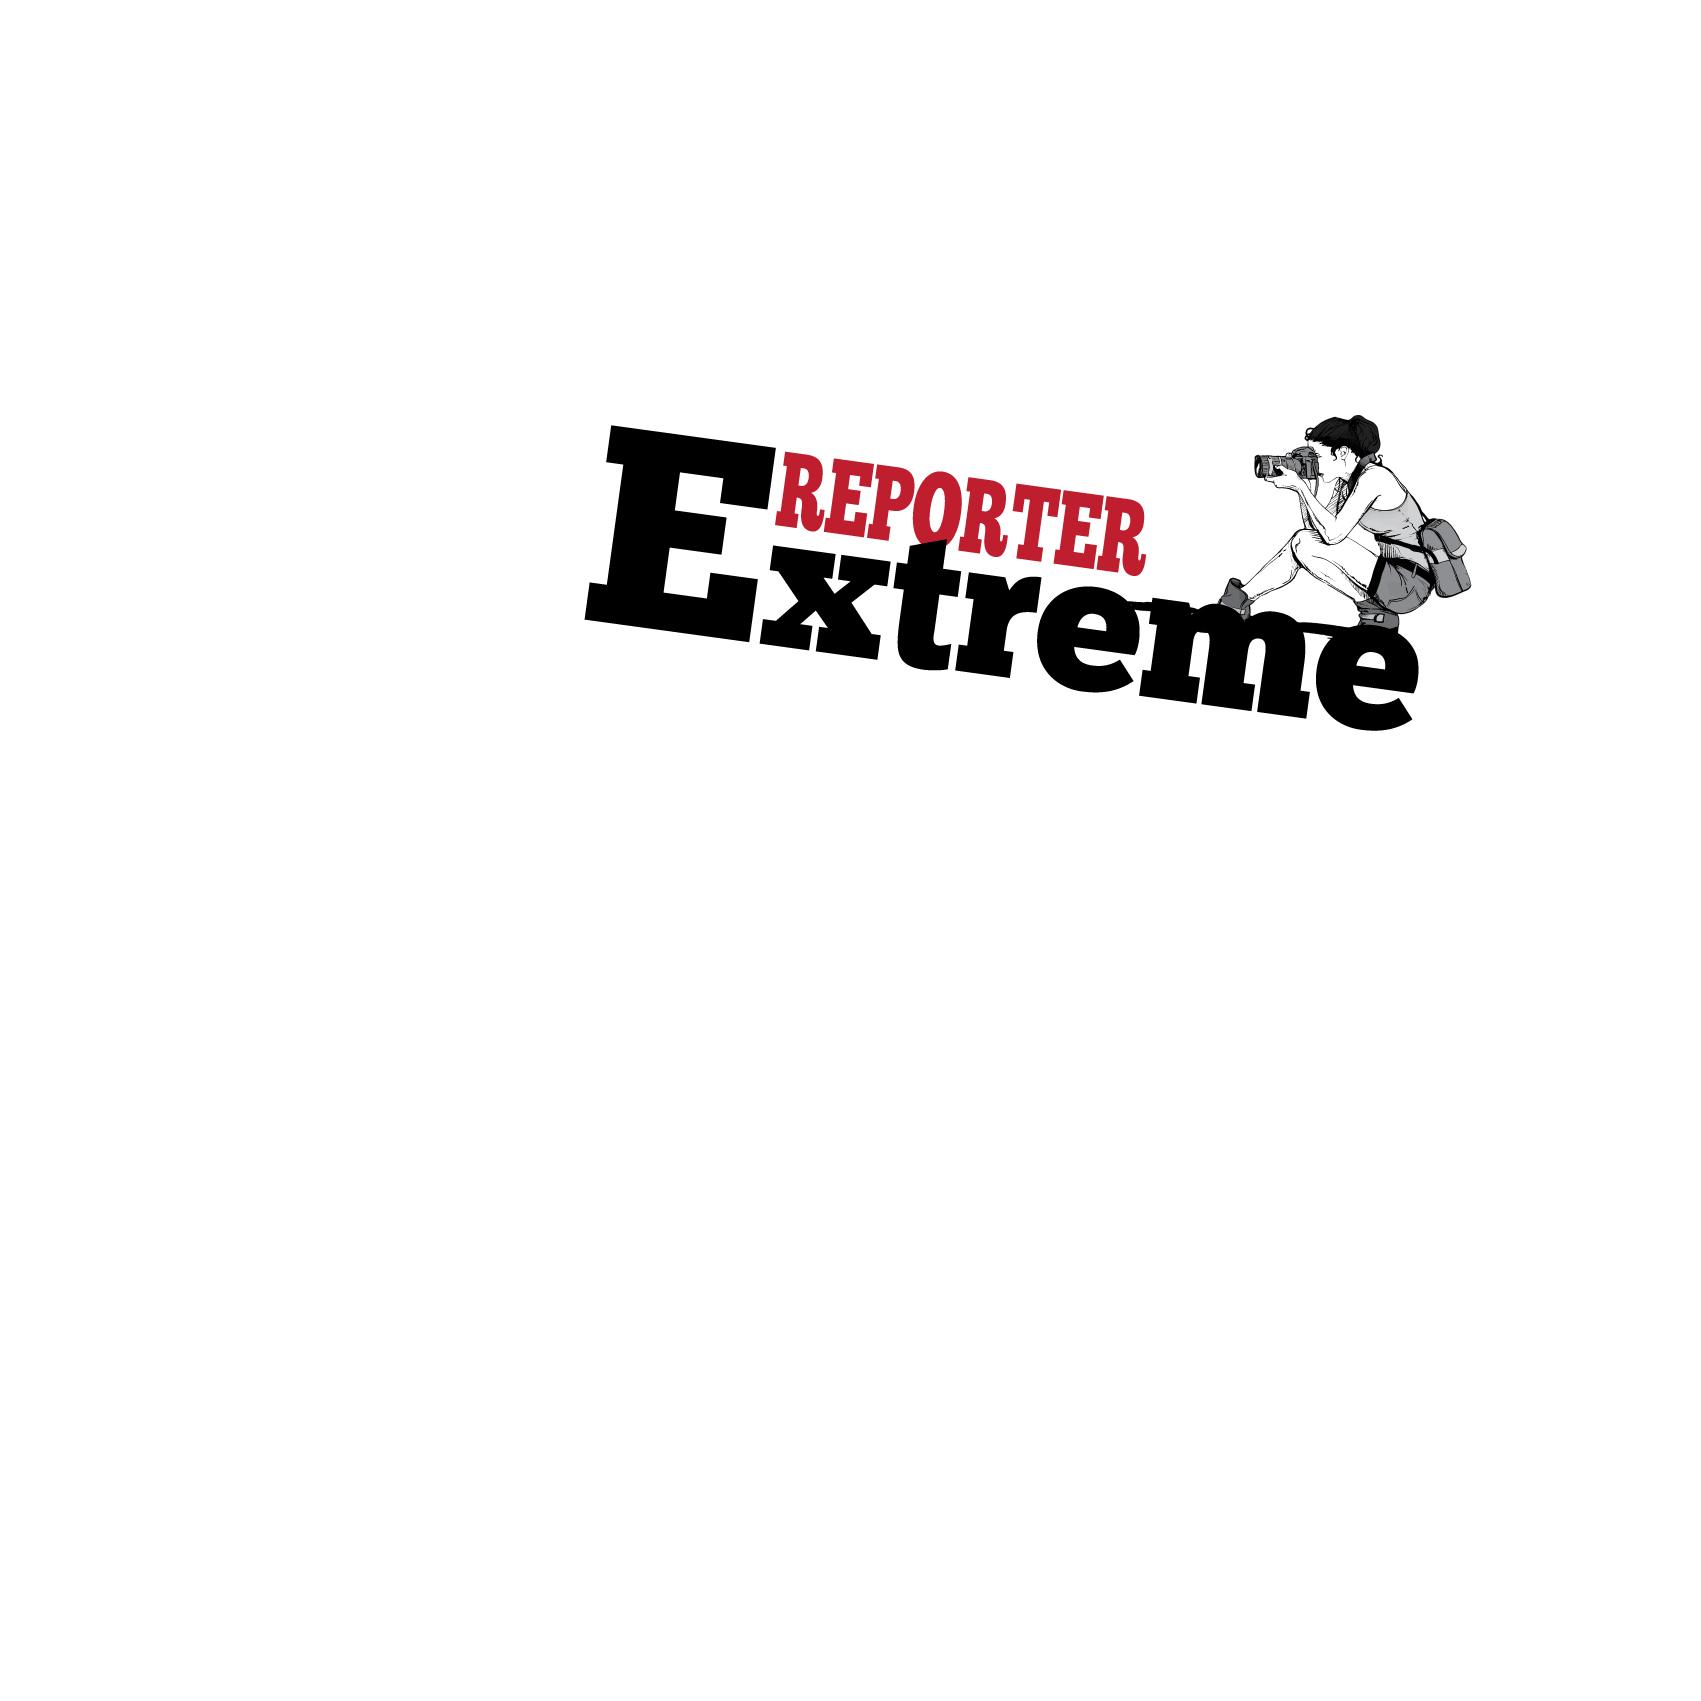 Логотип для экстрим фотографа.  фото f_5755a53742d16fc3.jpg